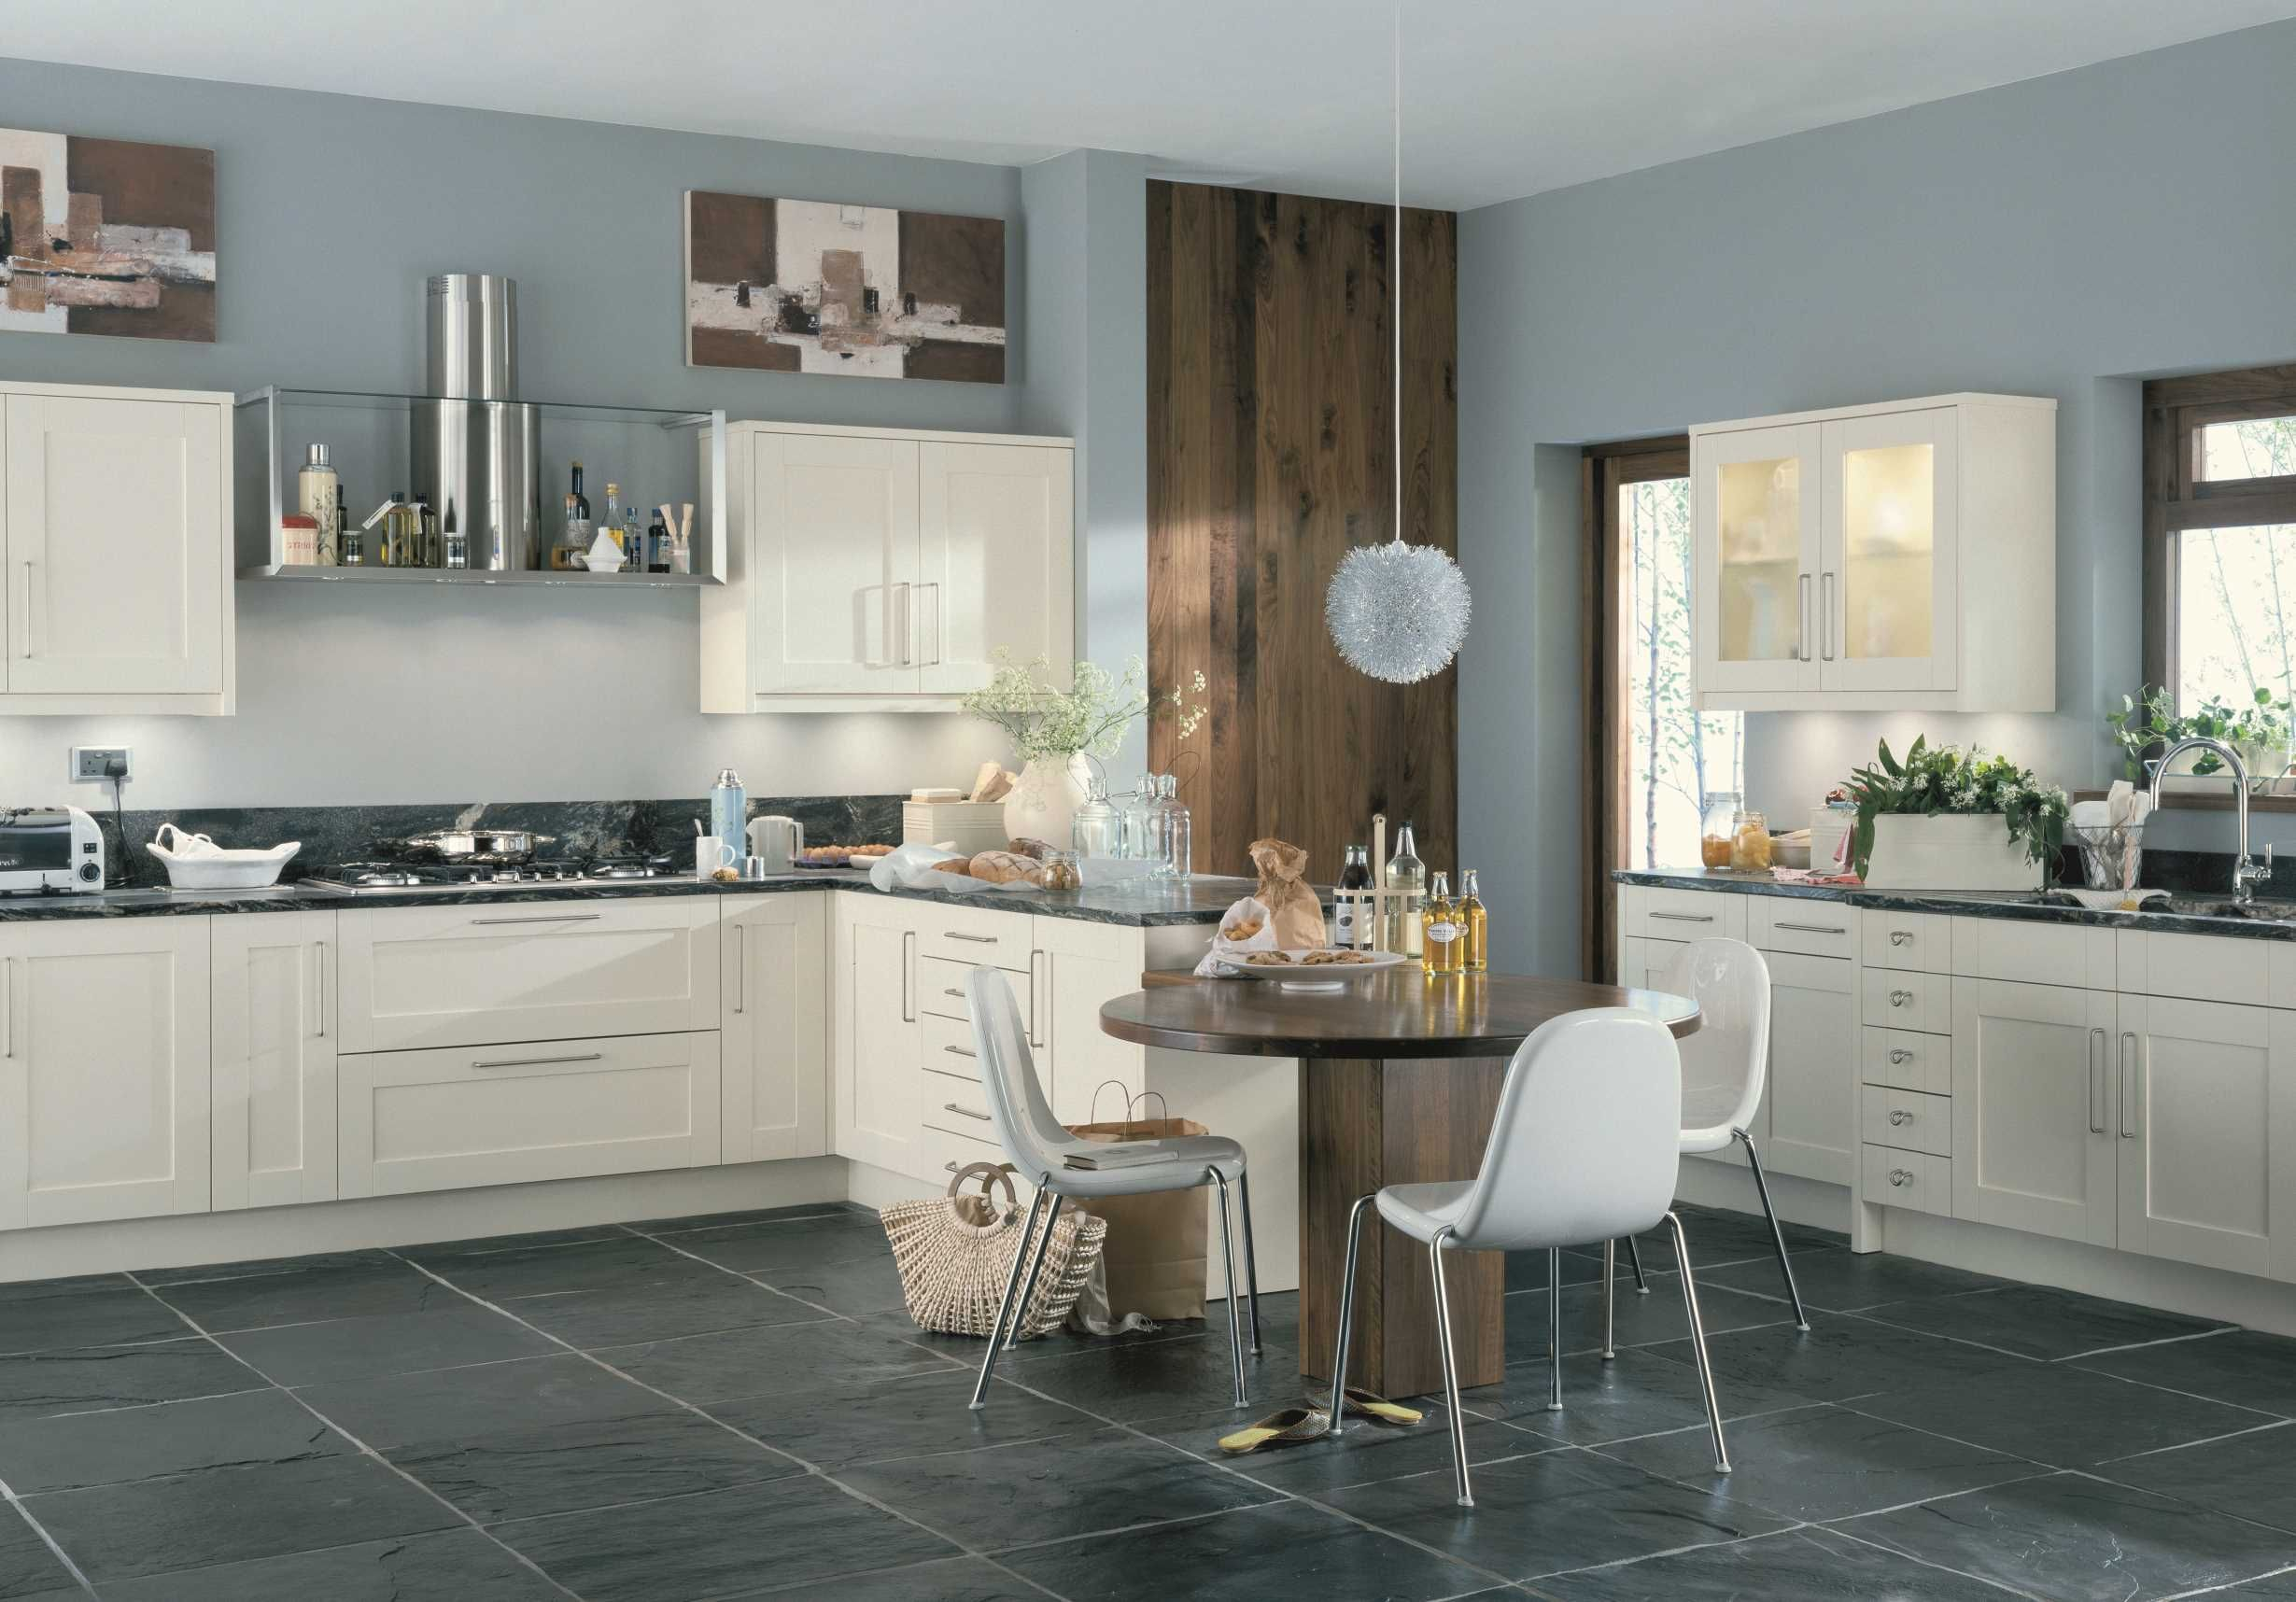 scope-ivory-blue-walls-white-kitchen-black-marble-worktop-kitchen ...